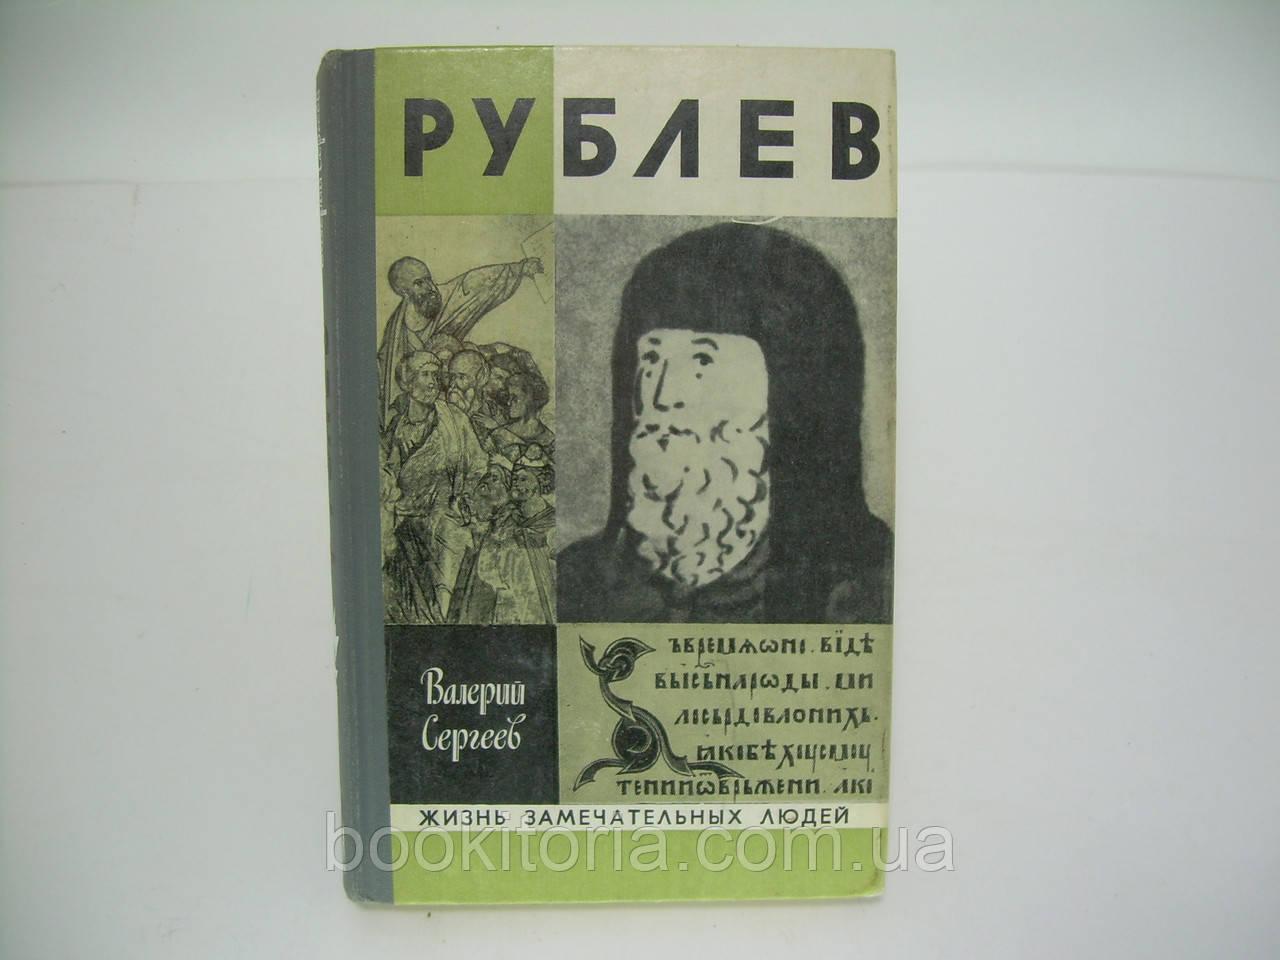 Сергеев В. Рублев (б/у).